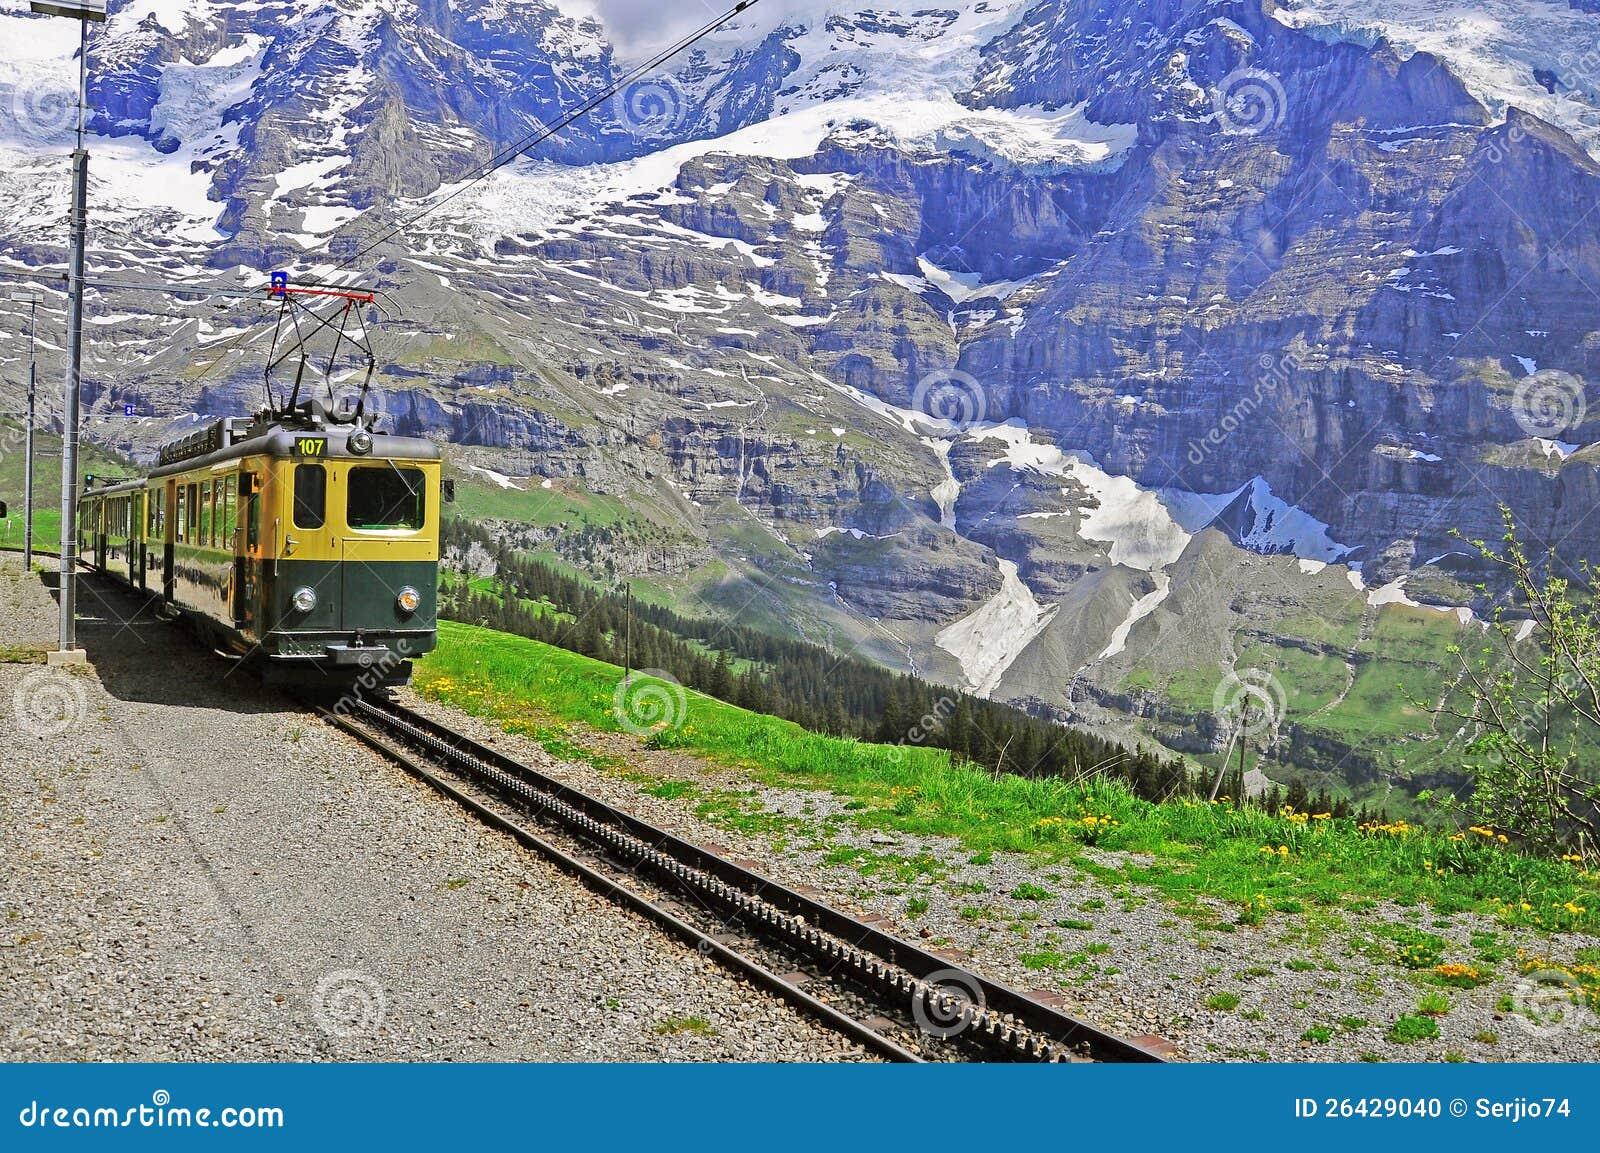 Gleis der schmalen Lehre. Die Schweiz.